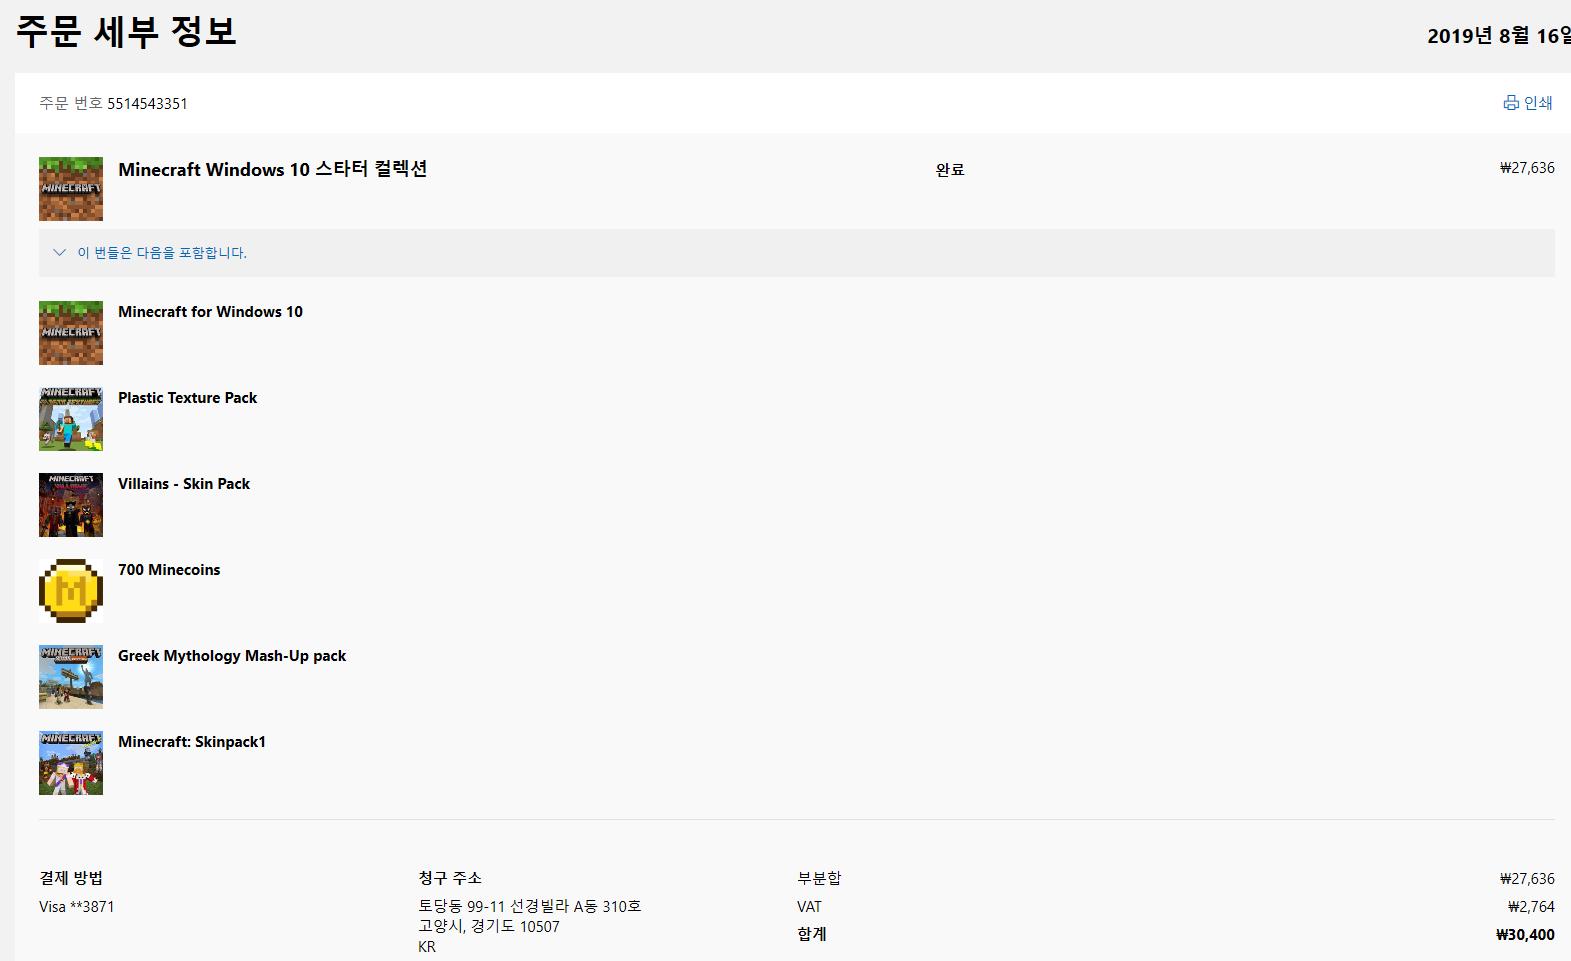 마인크래프트 환불 실수로 구매함 [Translation - Minecraft refund accidentally purchased] [IMG]